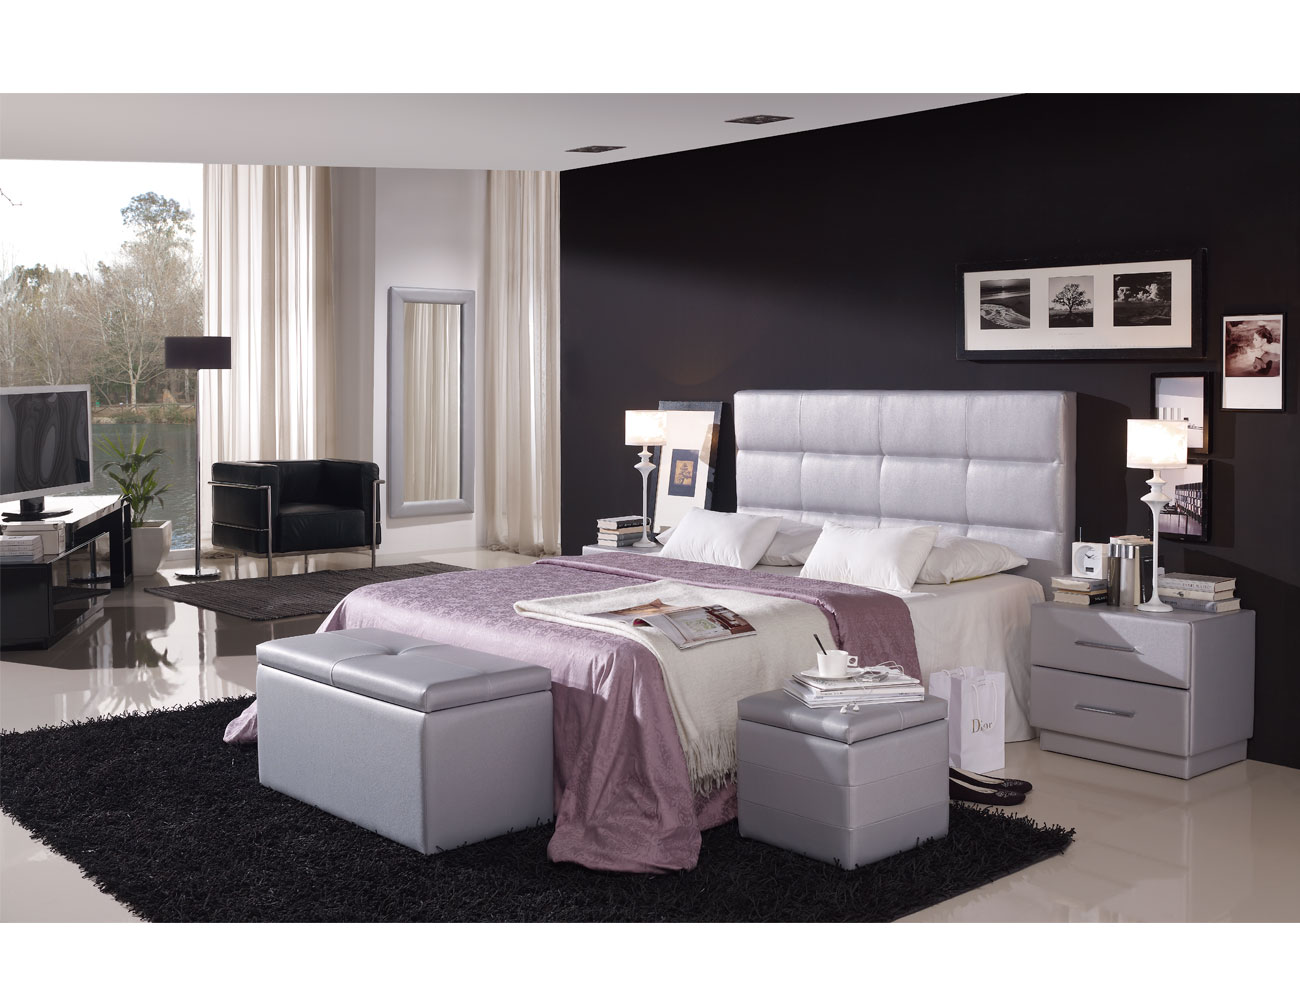 23 marco tapizado dormitorio913